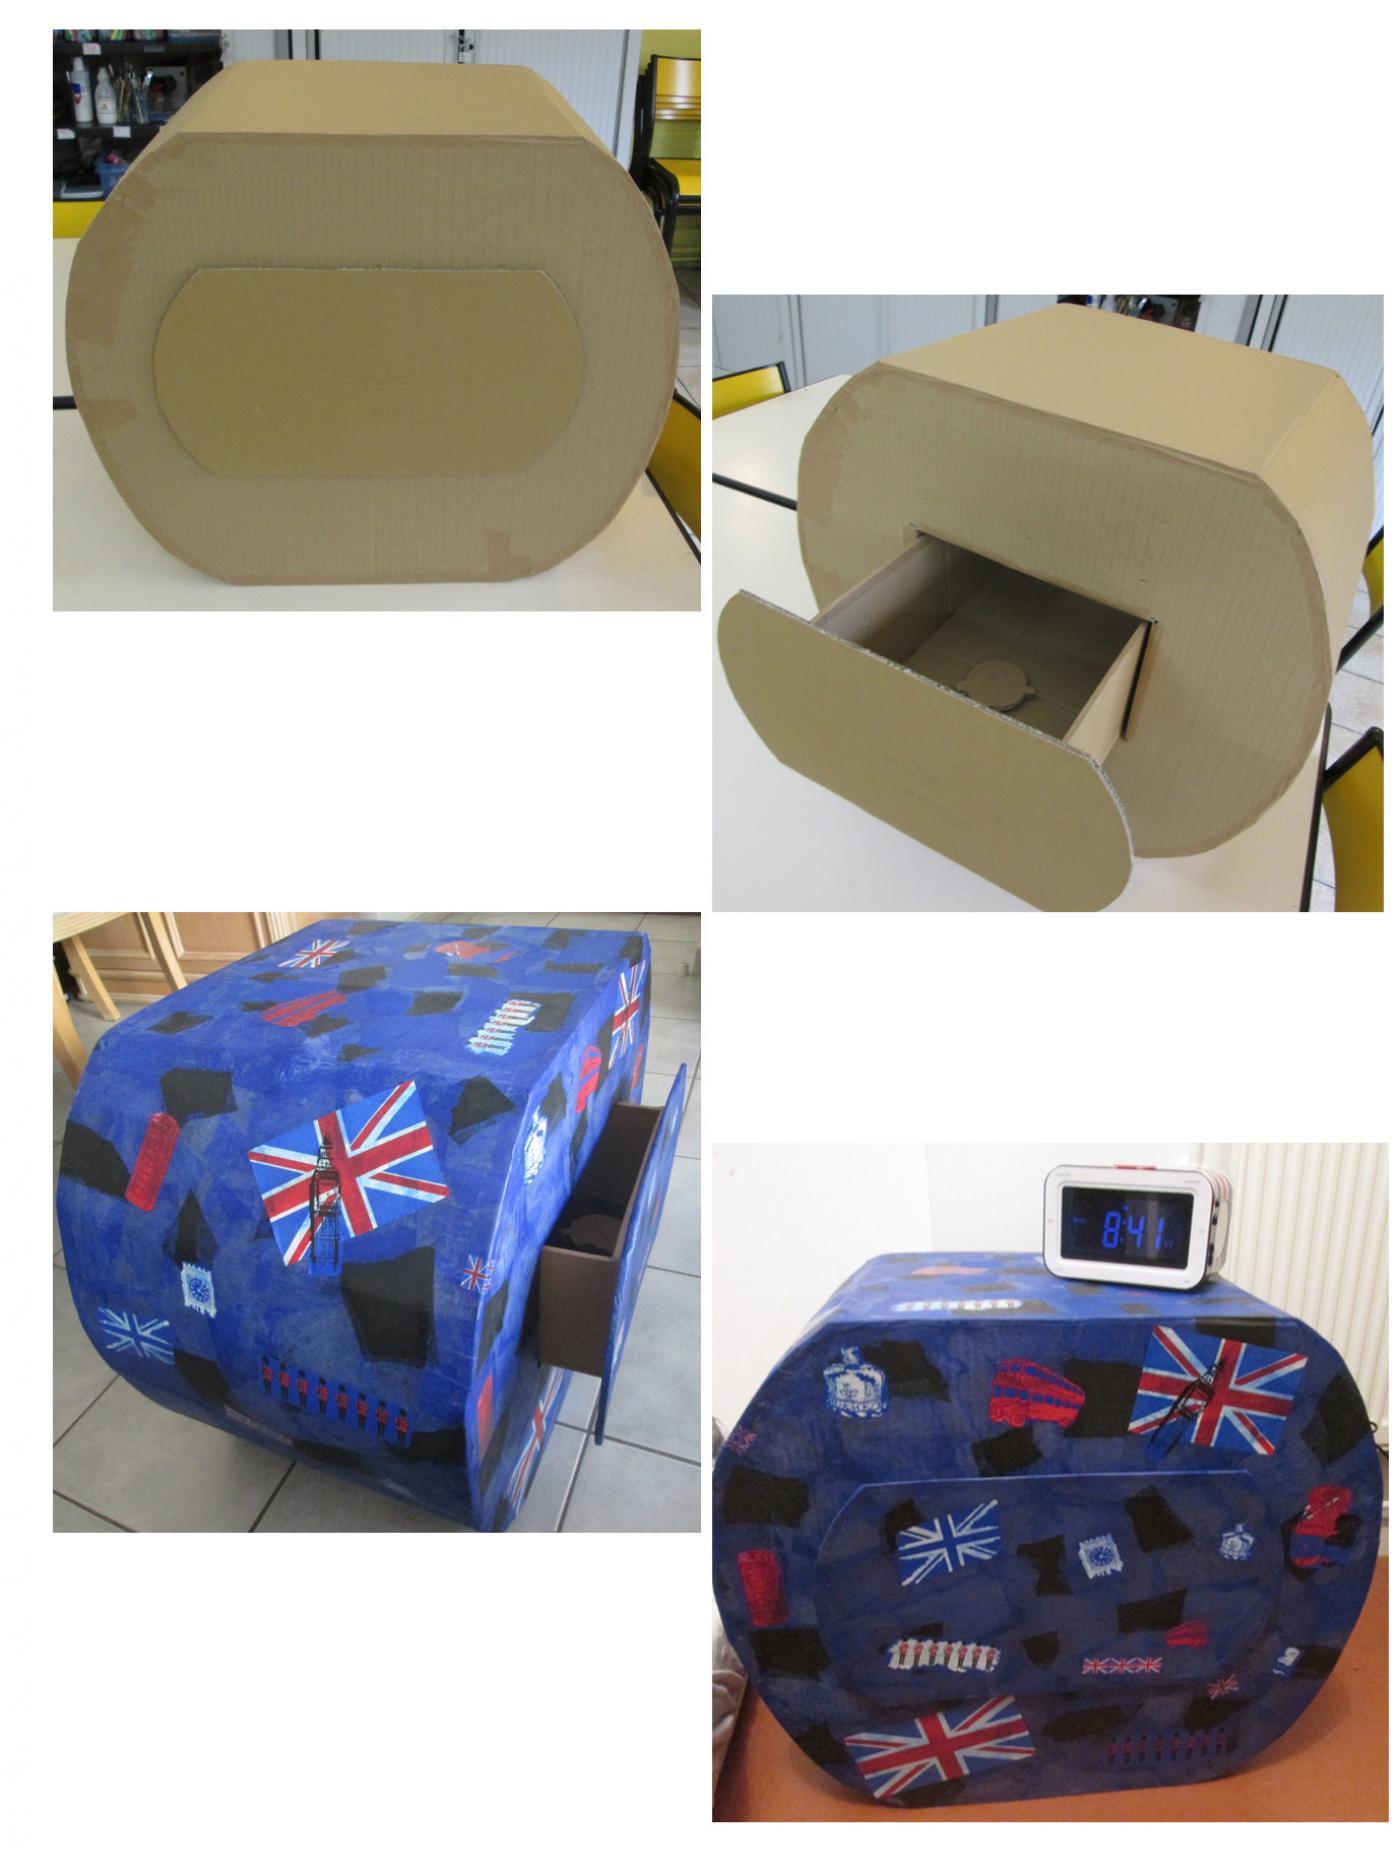 Image De Meuble En Carton petit meuble. en carton! (blog zôdio)